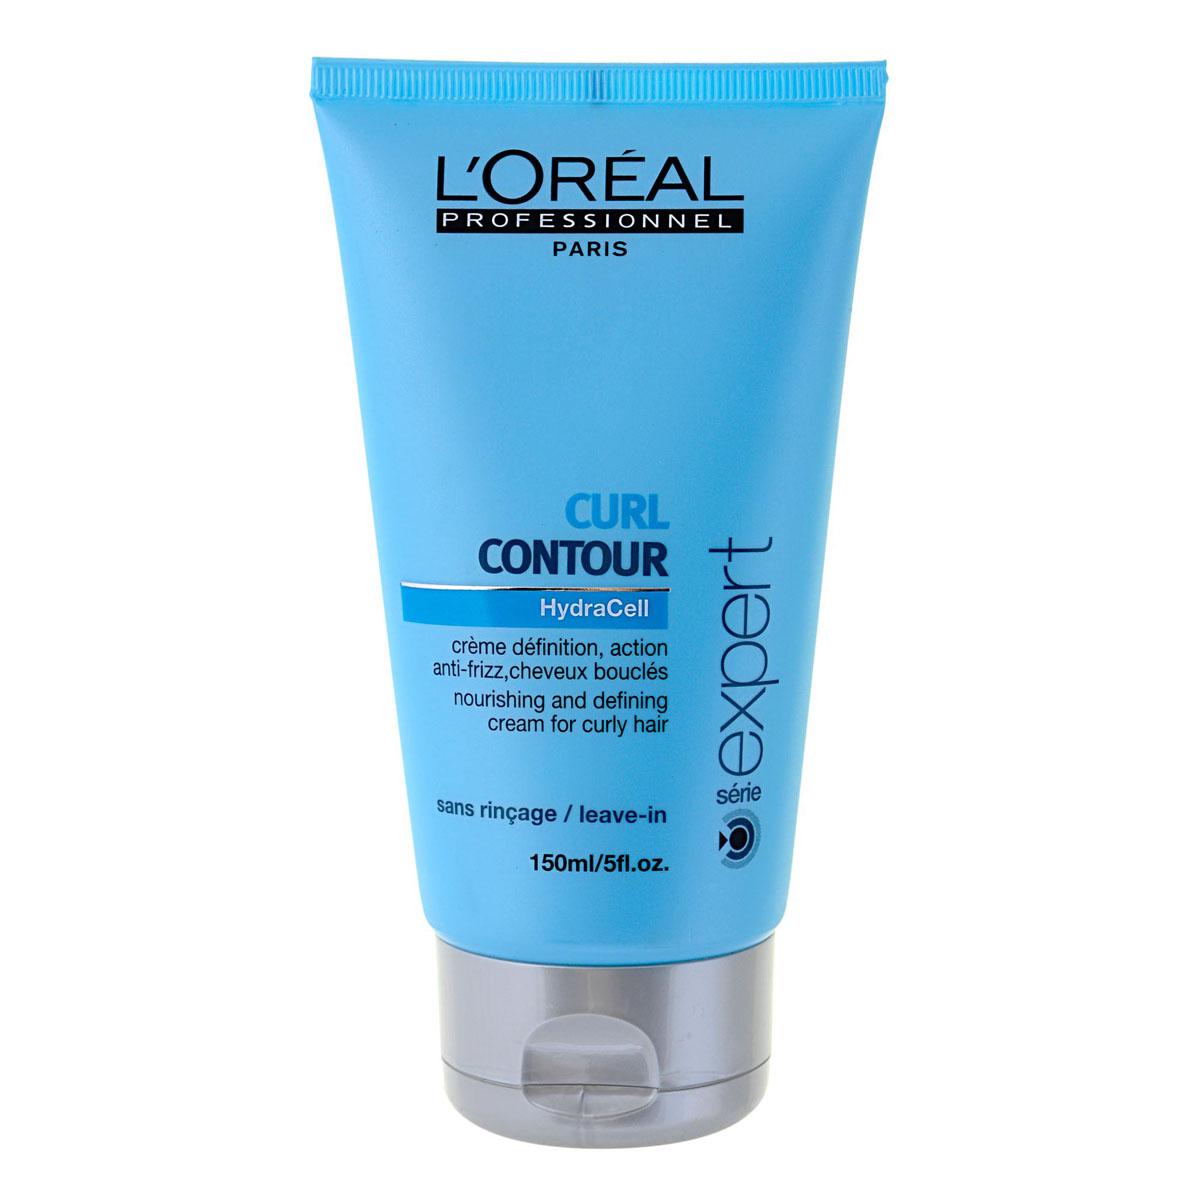 LOreal Professionnel Крем для четкости контура завитка для вьющихся волос Expert Curl Contour - 150 млE0351806Крем Керл Контур интенсивно питает вьющиеся волосы, не утяжеляет их. Он предназначен для придания четкости контура завиткам, обеспечивает волосам здоровый блеск. В основе крема – система Nutripulse. Уникальная формула крема включает в себя микроэмульсионные масла, которые придают волосам ещё больше кудрявости, а также экстракт косточек винограда и «Биомиметический керамид», придающие кудрям упругость. Один из основных компонентов крема – УФ-фильтры, защищающие волосы от вредного ультрафиолетового излучения, способствующие сохранению прочности волос, насыщенного и яркого их цвета.